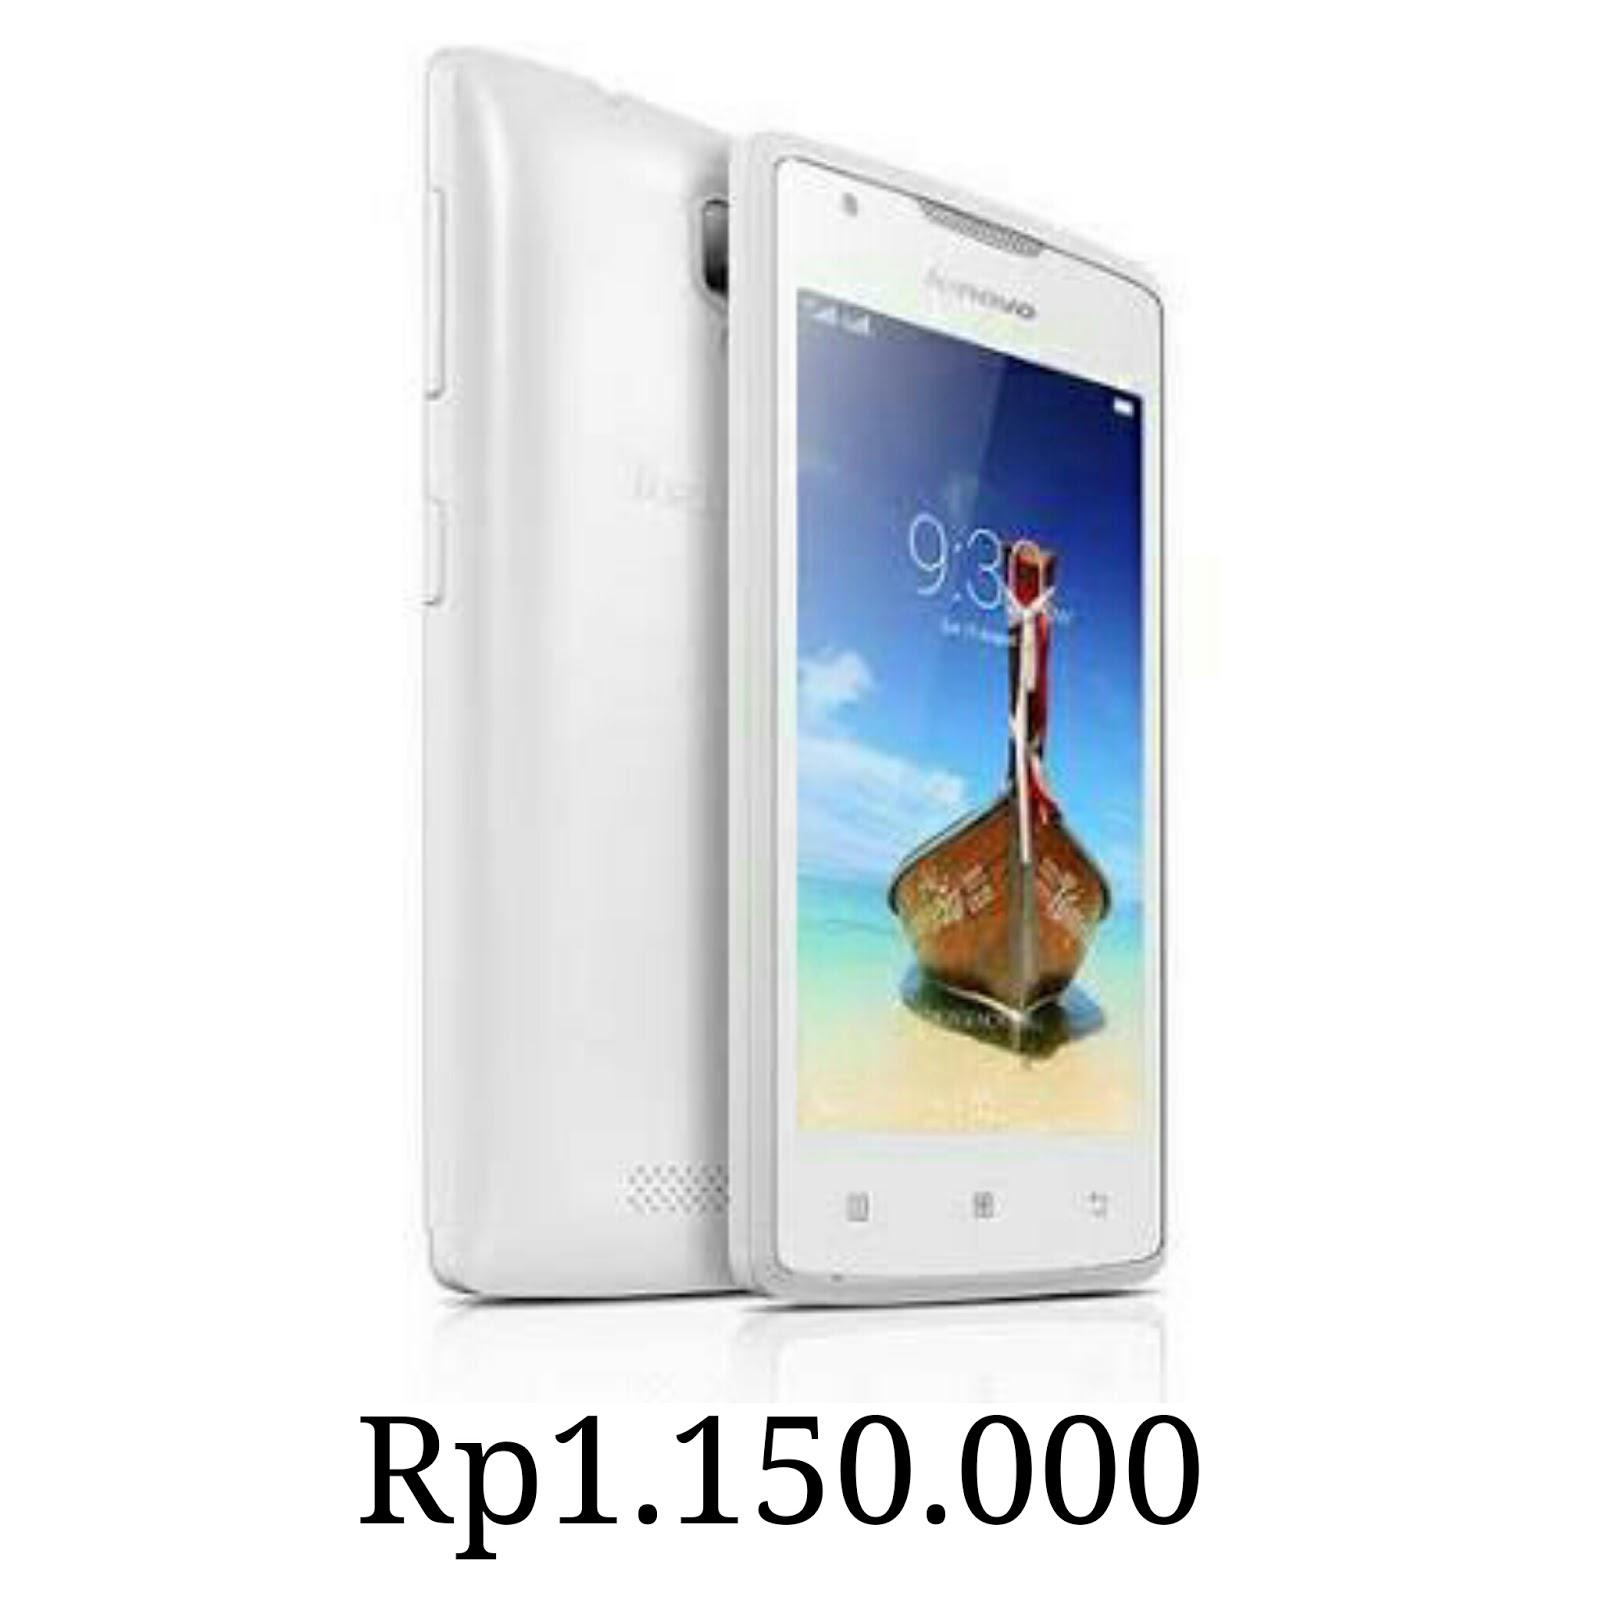 Xiaomi Redmi Note 3 Gold Ram 2gb Rom 16gb Annds Gadget 2 Gb Internal 16 Zenfone C Zc451cg 1gb 8gb Garansi Resmi Metrodata Tam